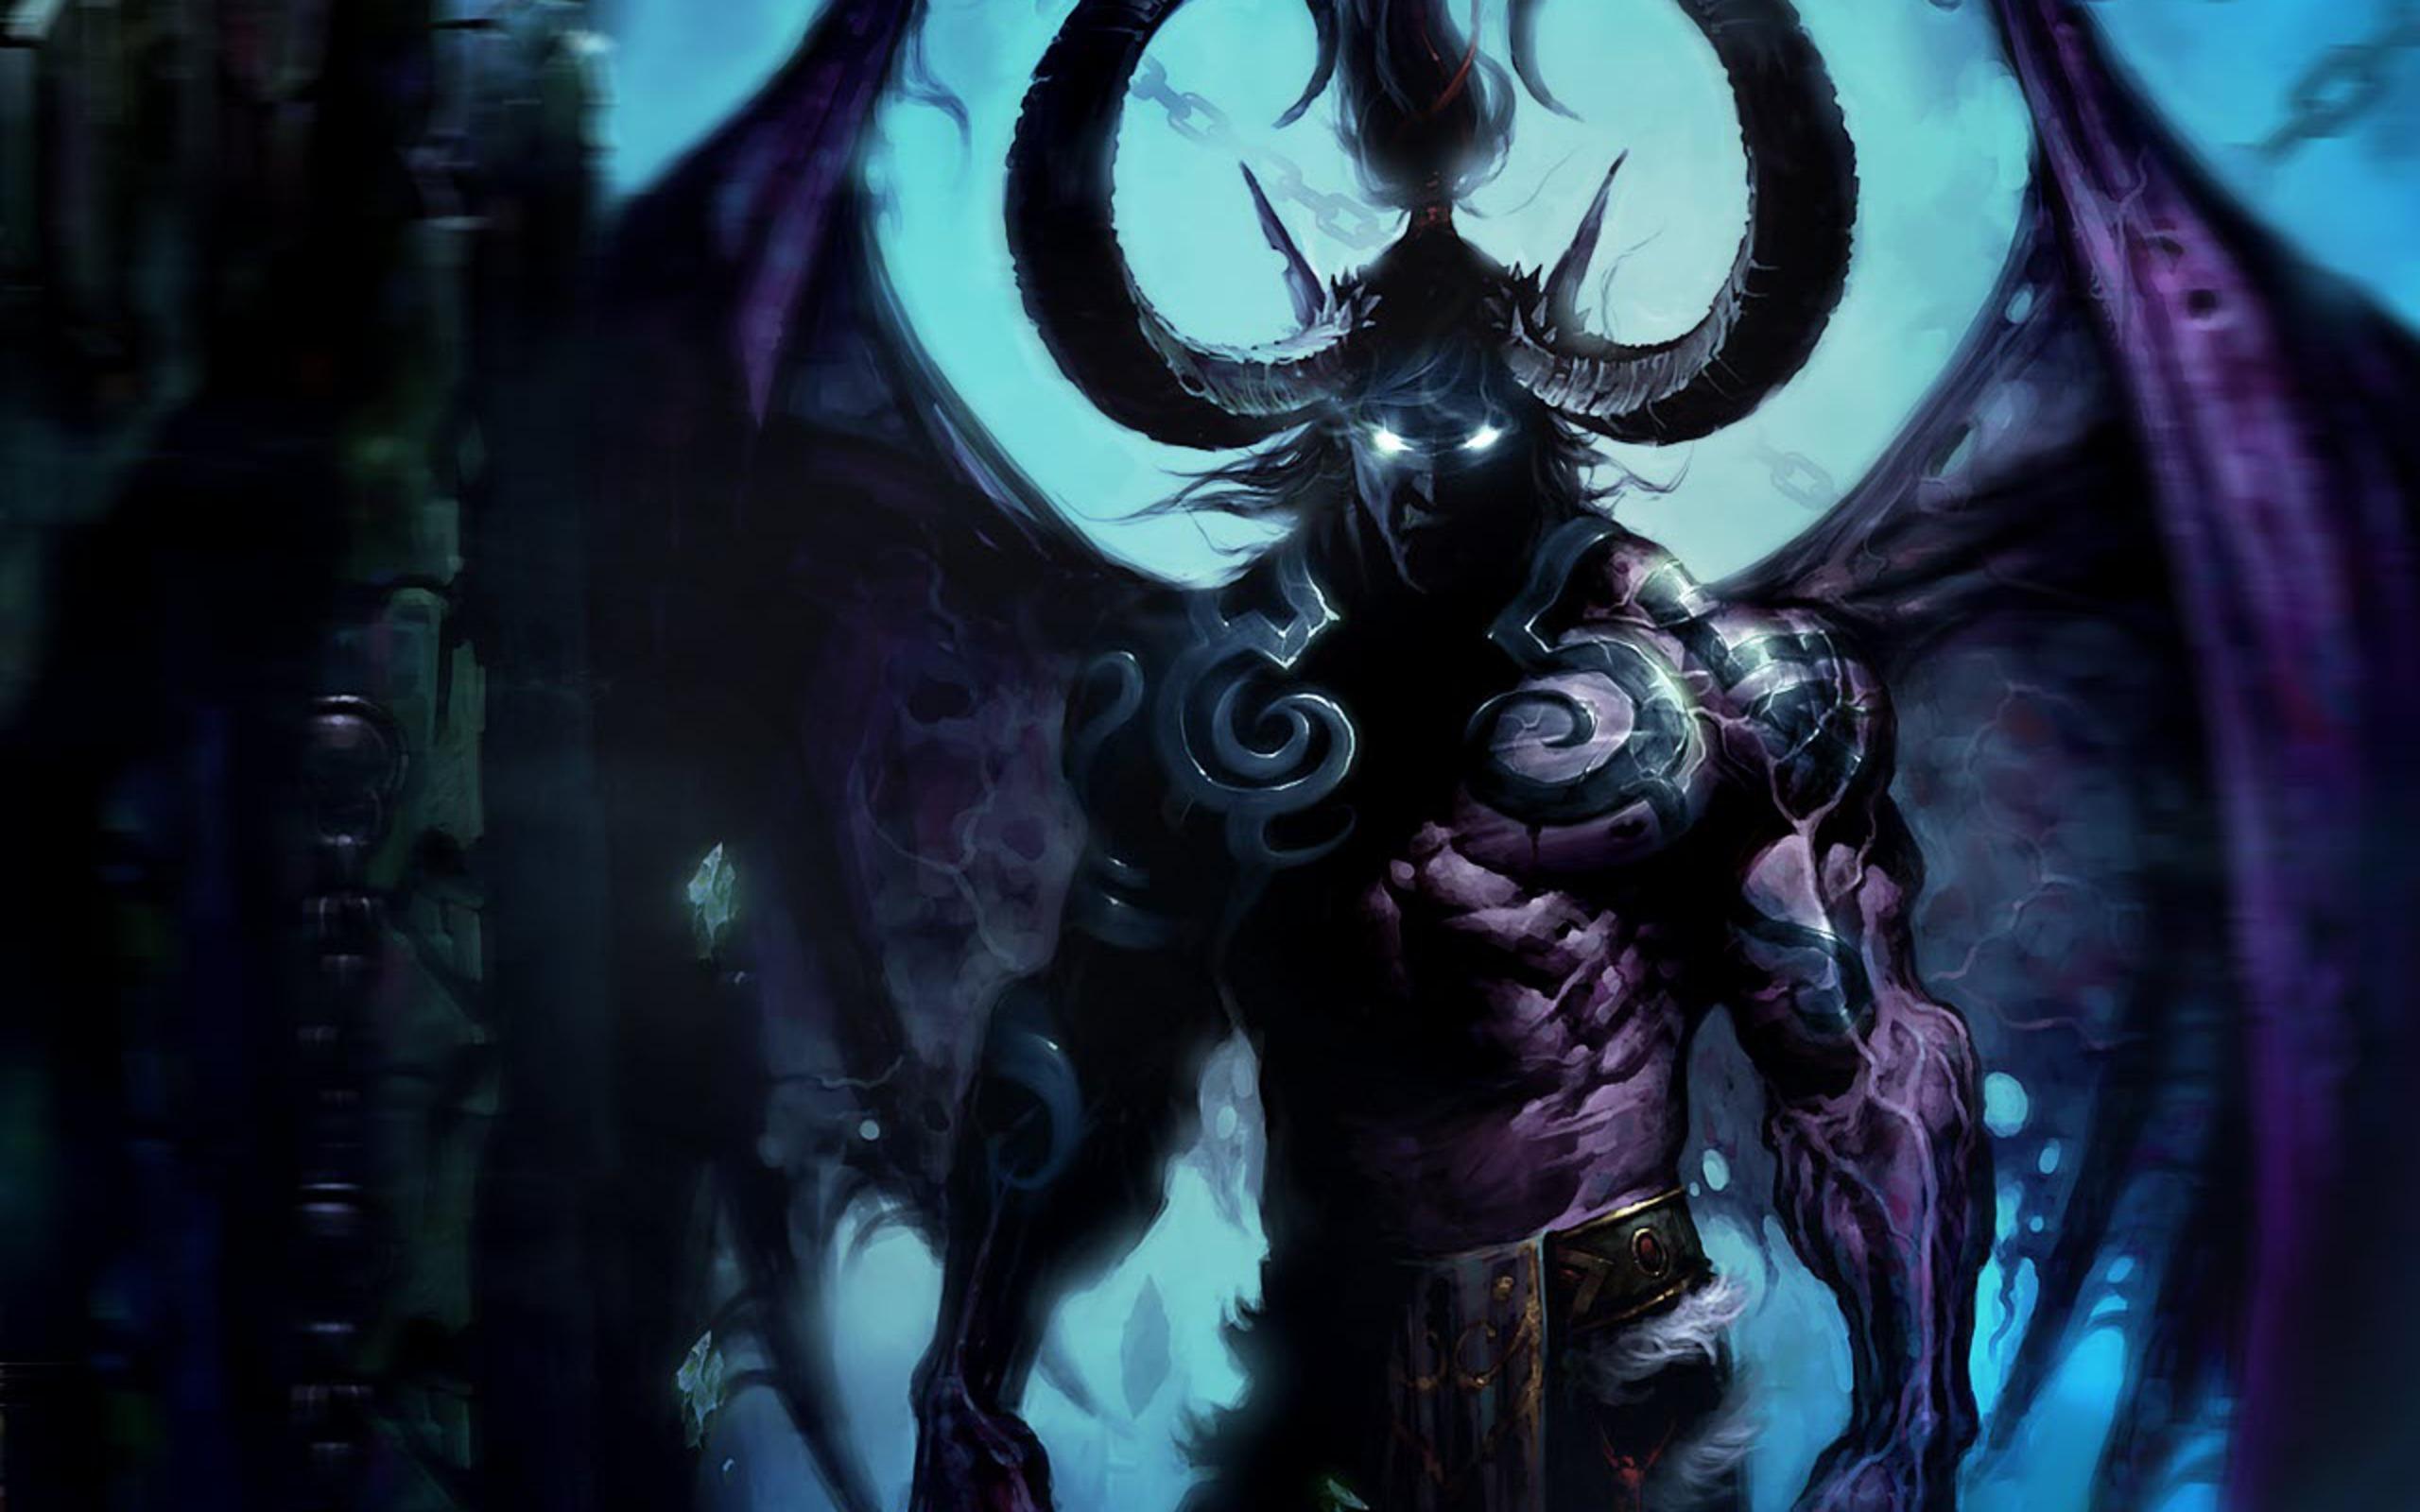 Demon - SF Wallpaper